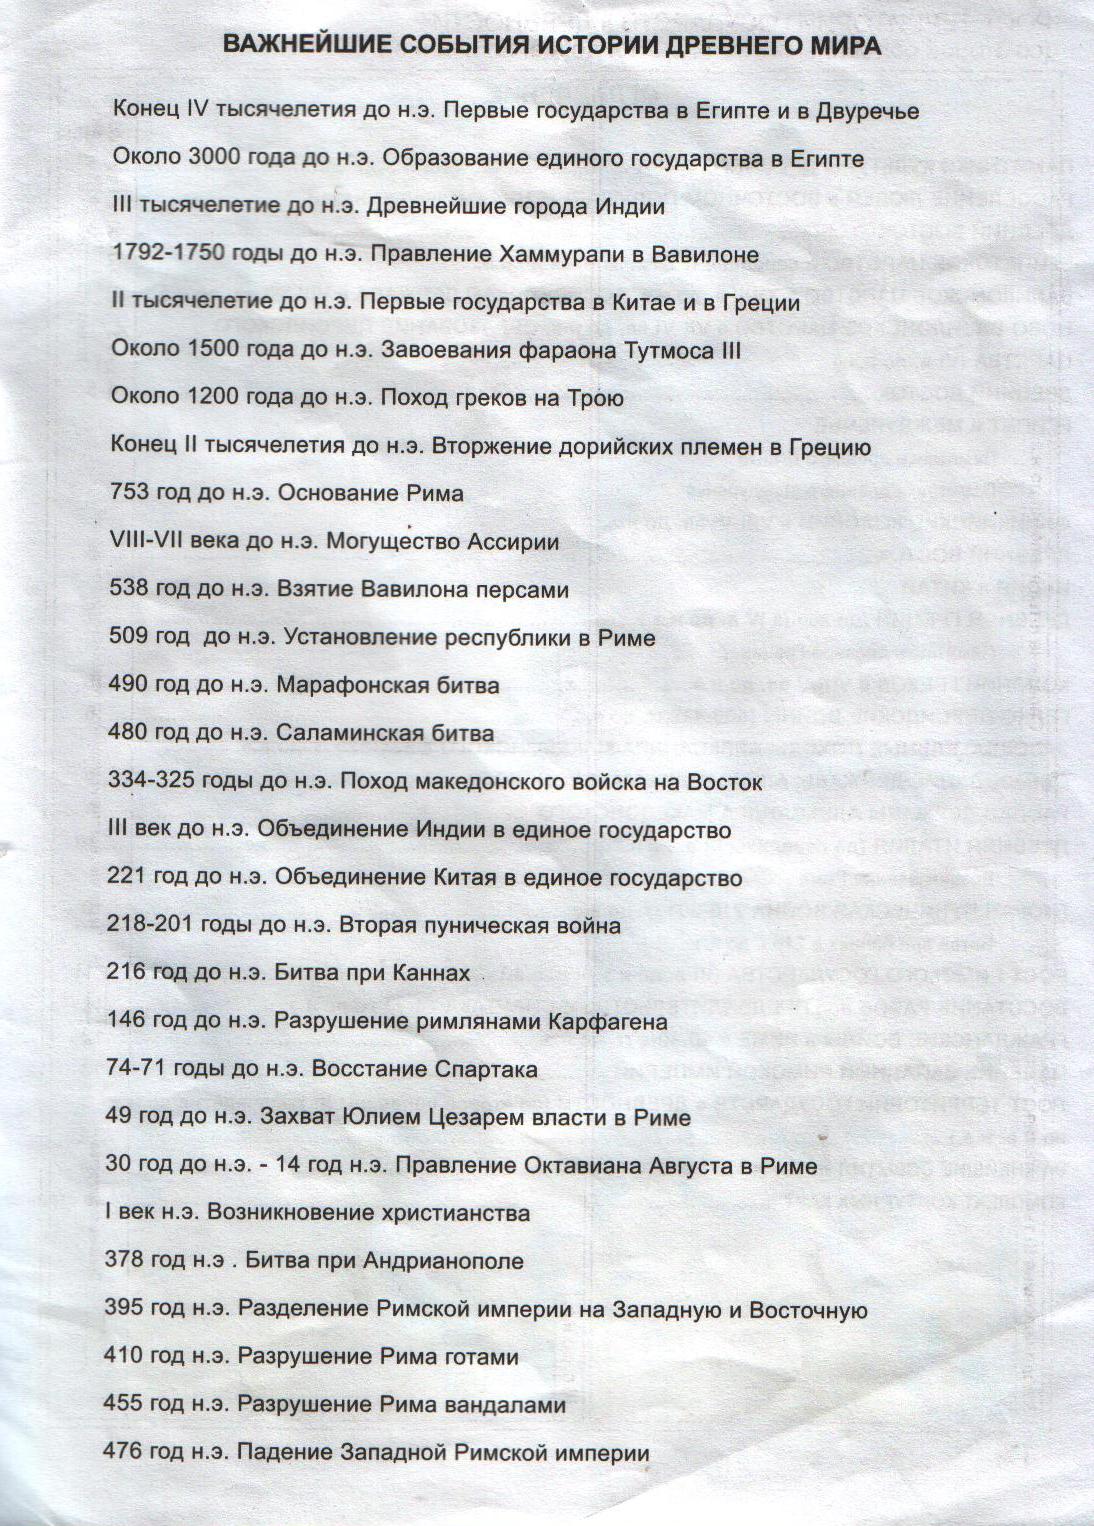 решебник дидактический материал. химия. 8 класс а.м.радецкий. скачать